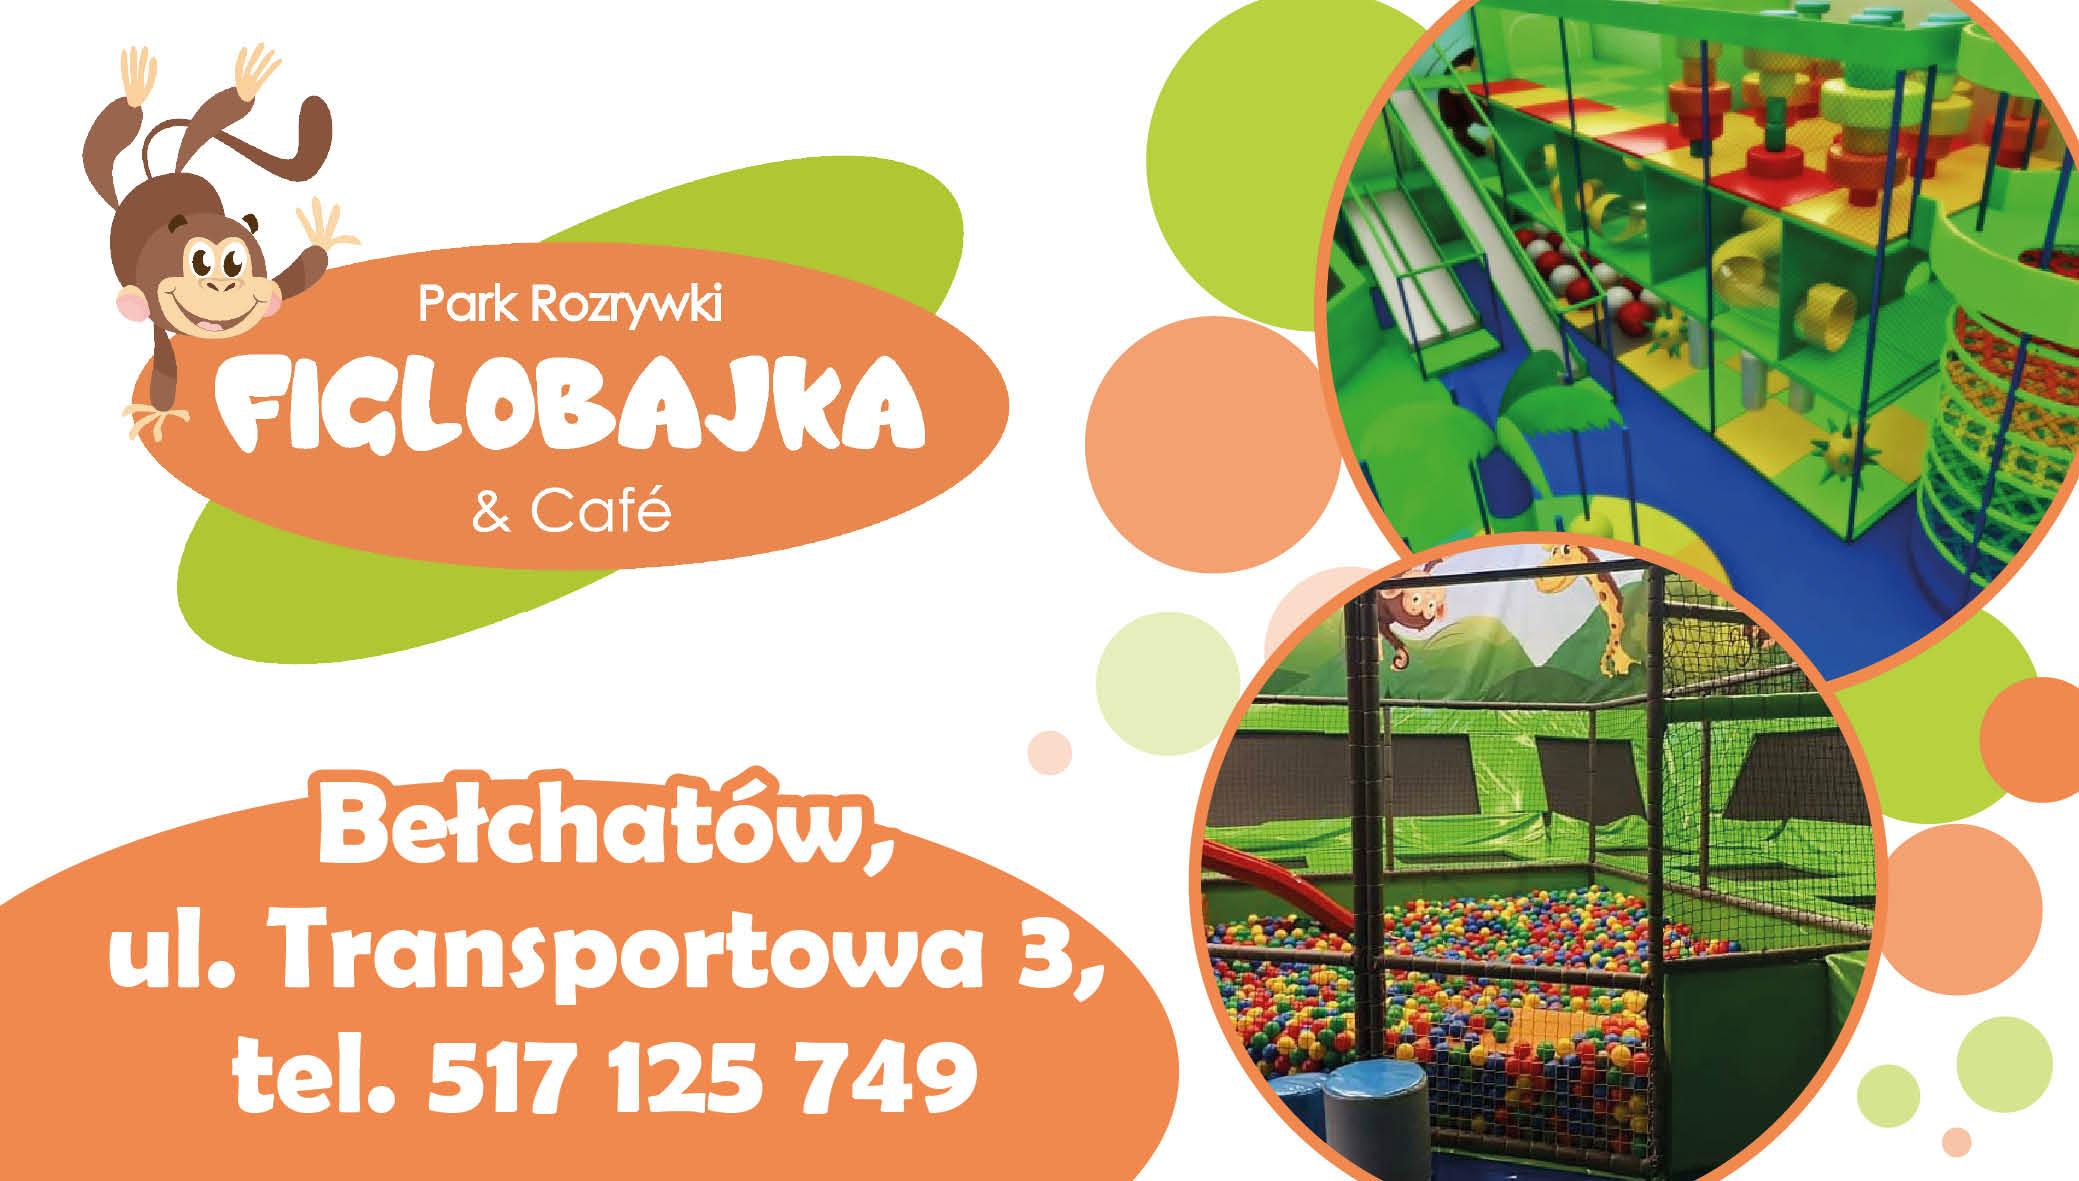 Sala Zabaw Figlobajka ponownie zaprasza najmłodszych! Nowe atrakcje, nowe niższe ceny! - Zdjęcie główne